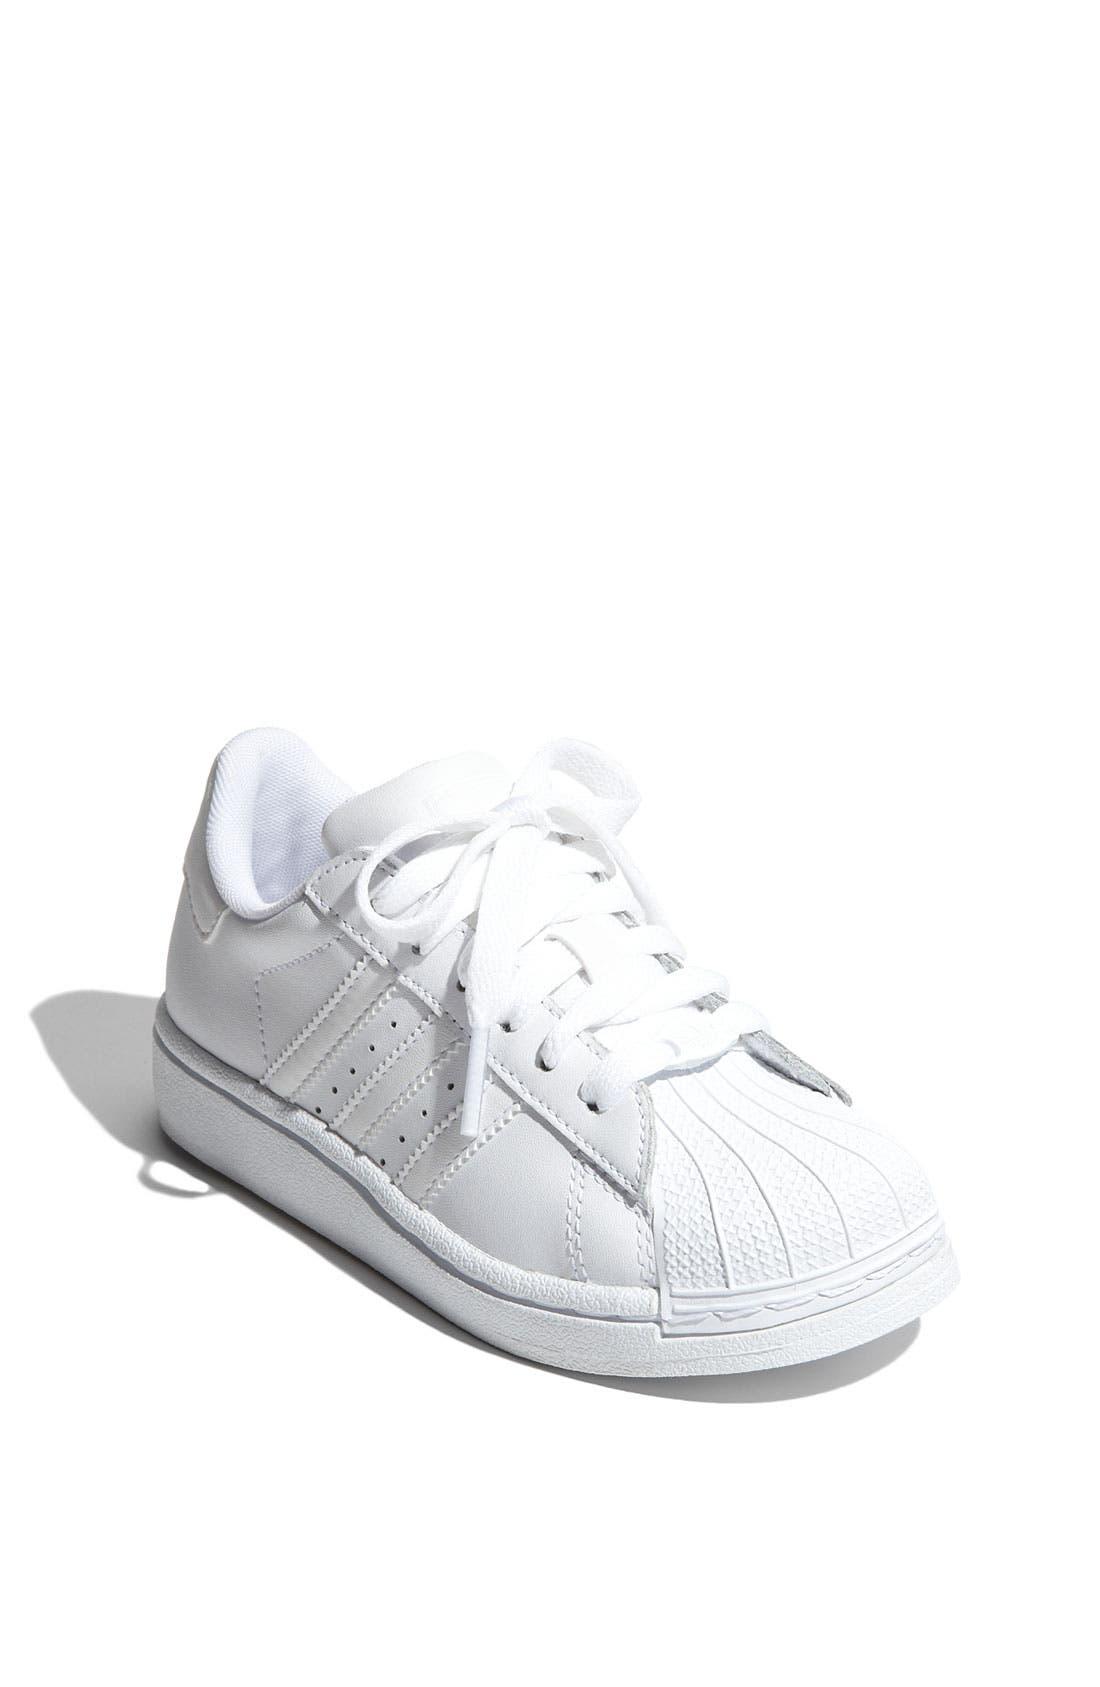 Alternate Image 1 Selected - adidas 'Superstar II' Sneaker (Big Kid)